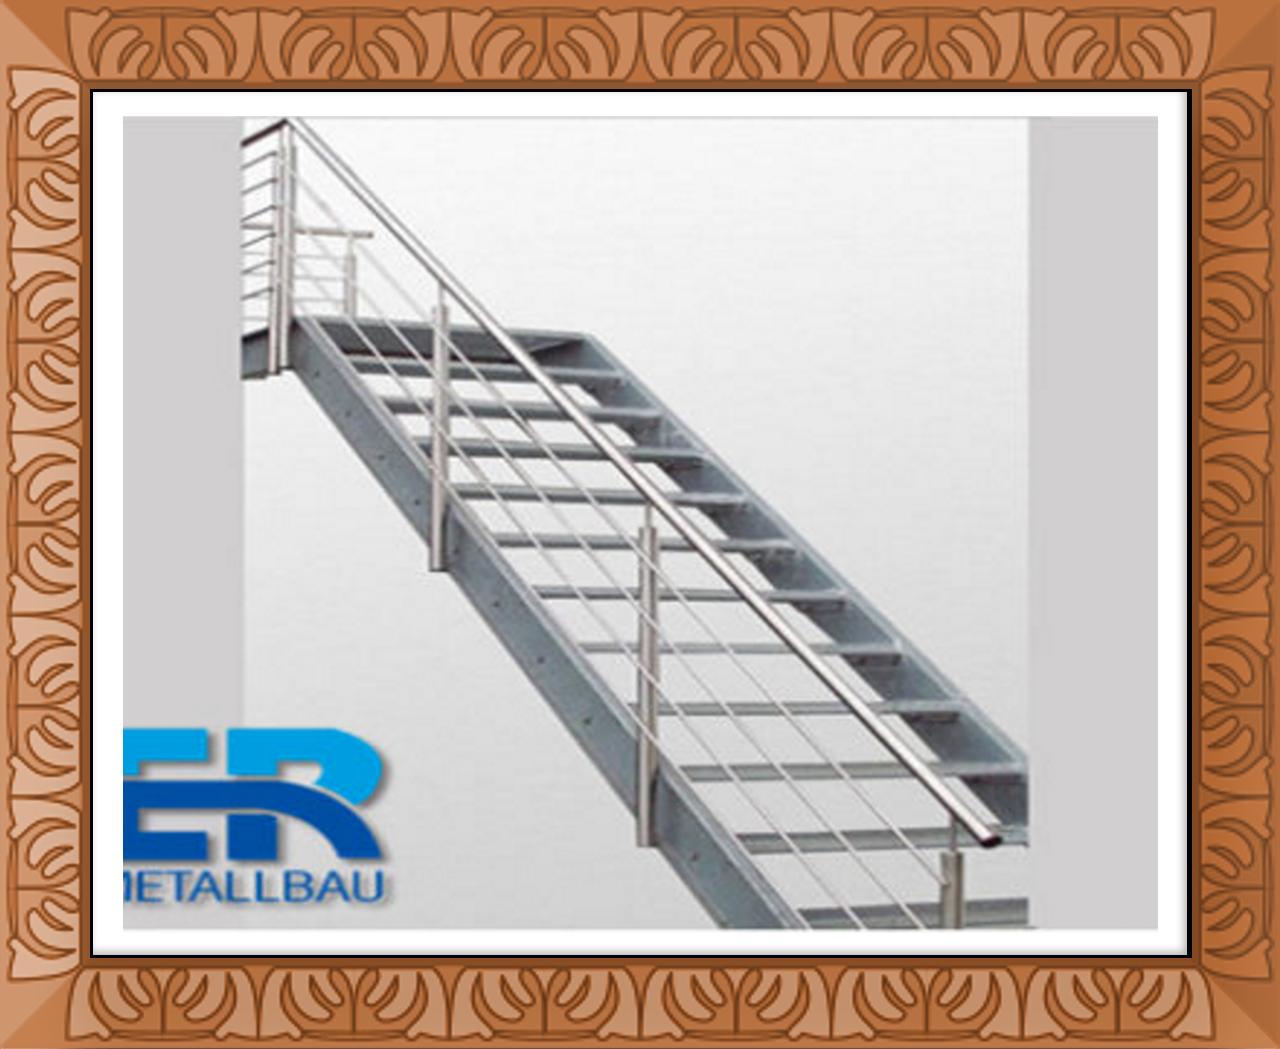 stahltreppe fur innen und aussen designs, image result for stahltreppe außen | treppe außen | pinterest, Design ideen